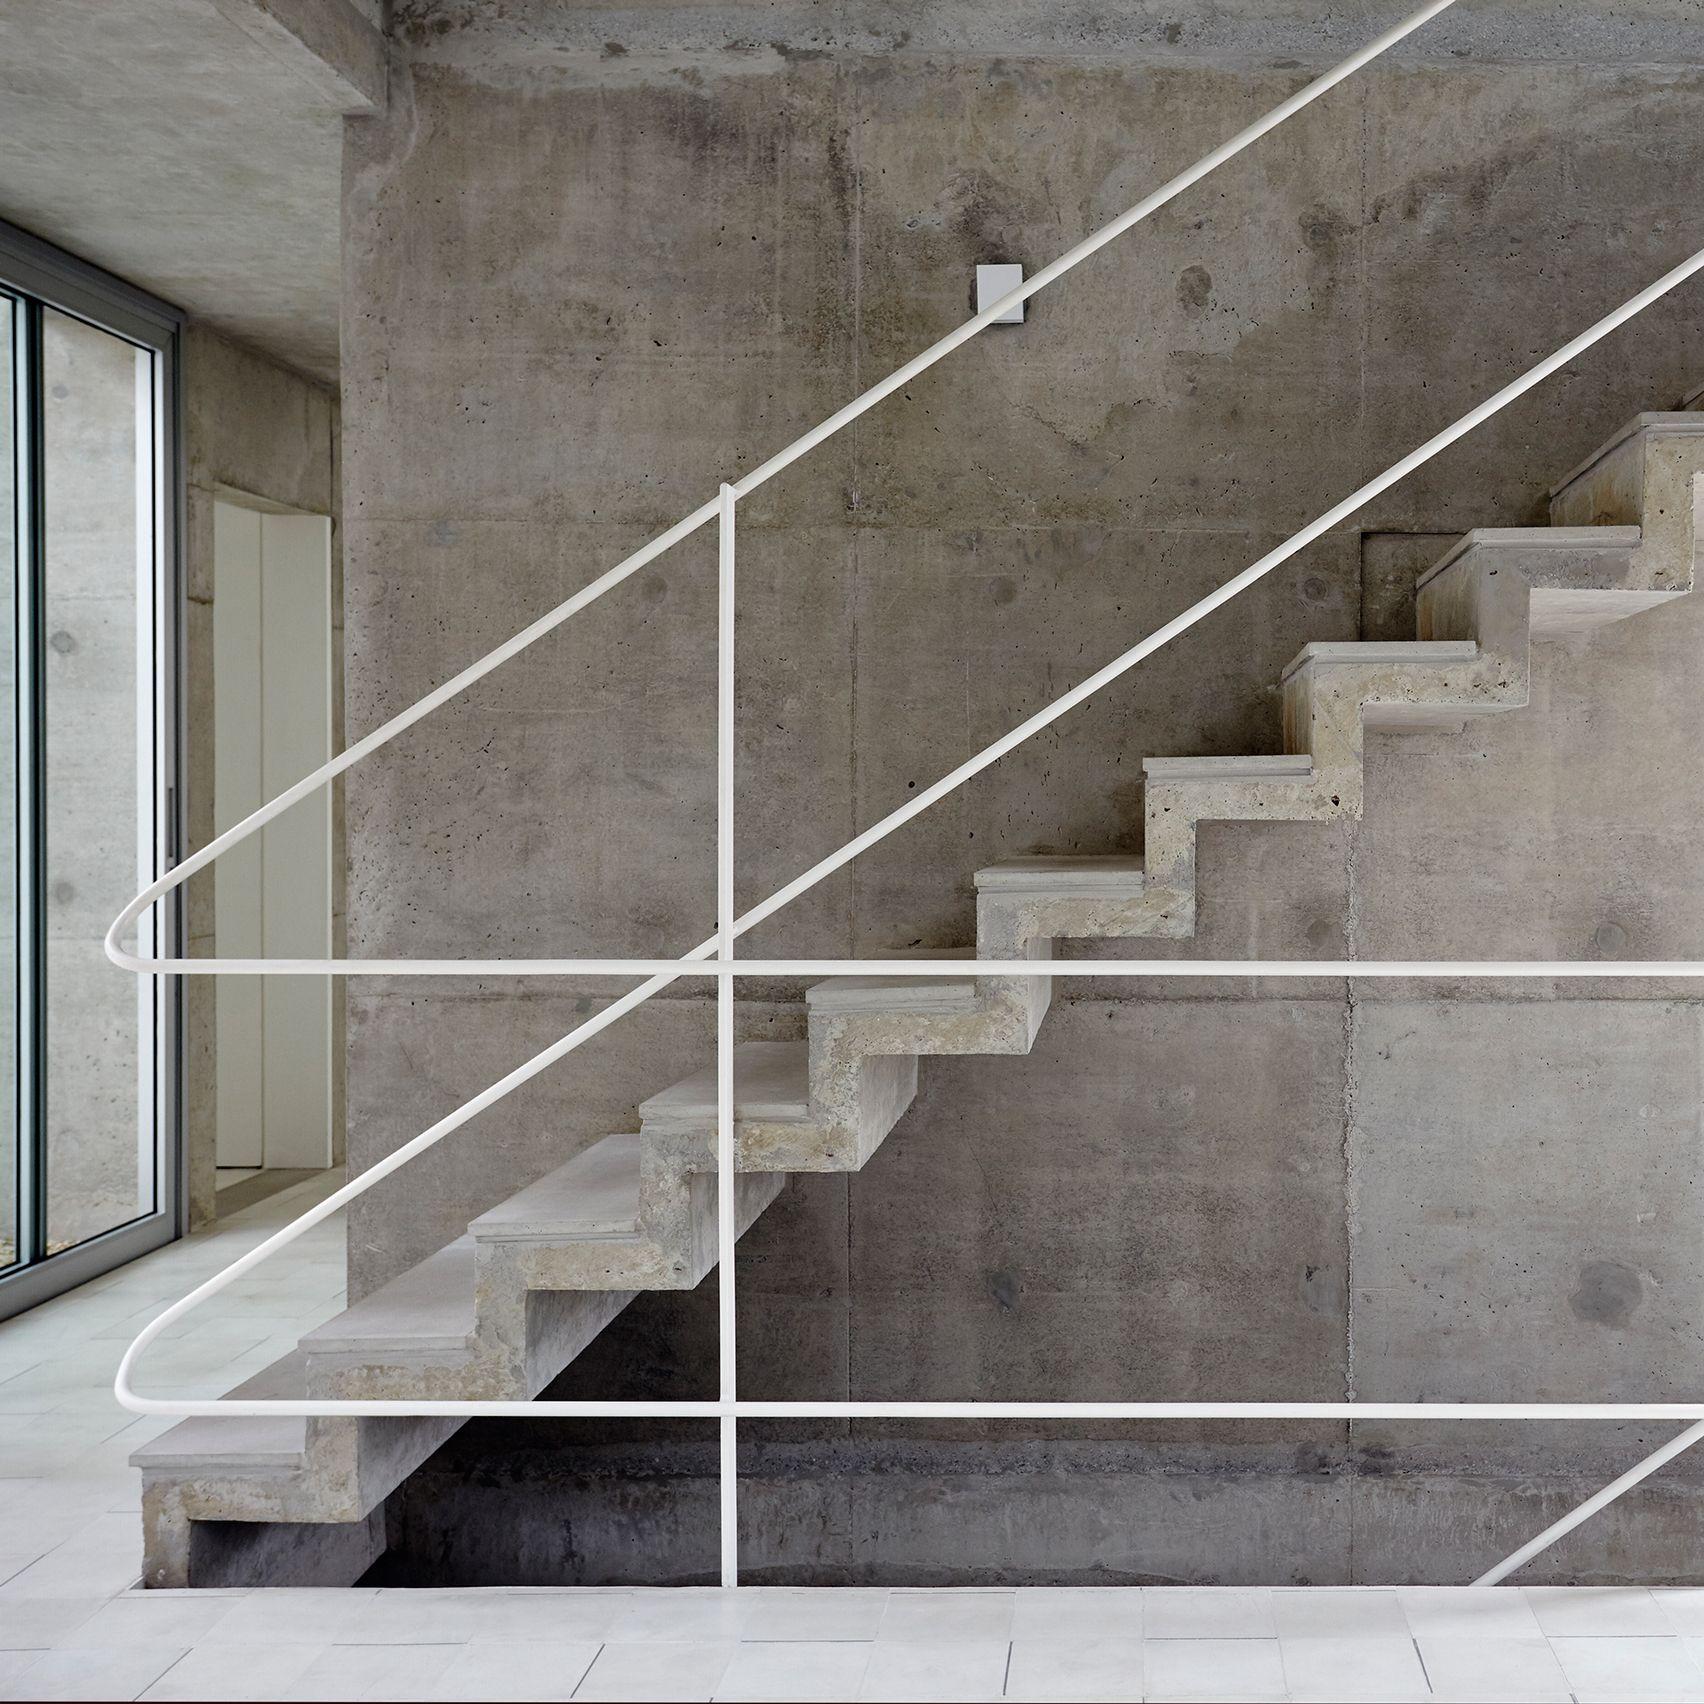 Bn-house-metro-arquitetos-jardim-paulistano-concrete